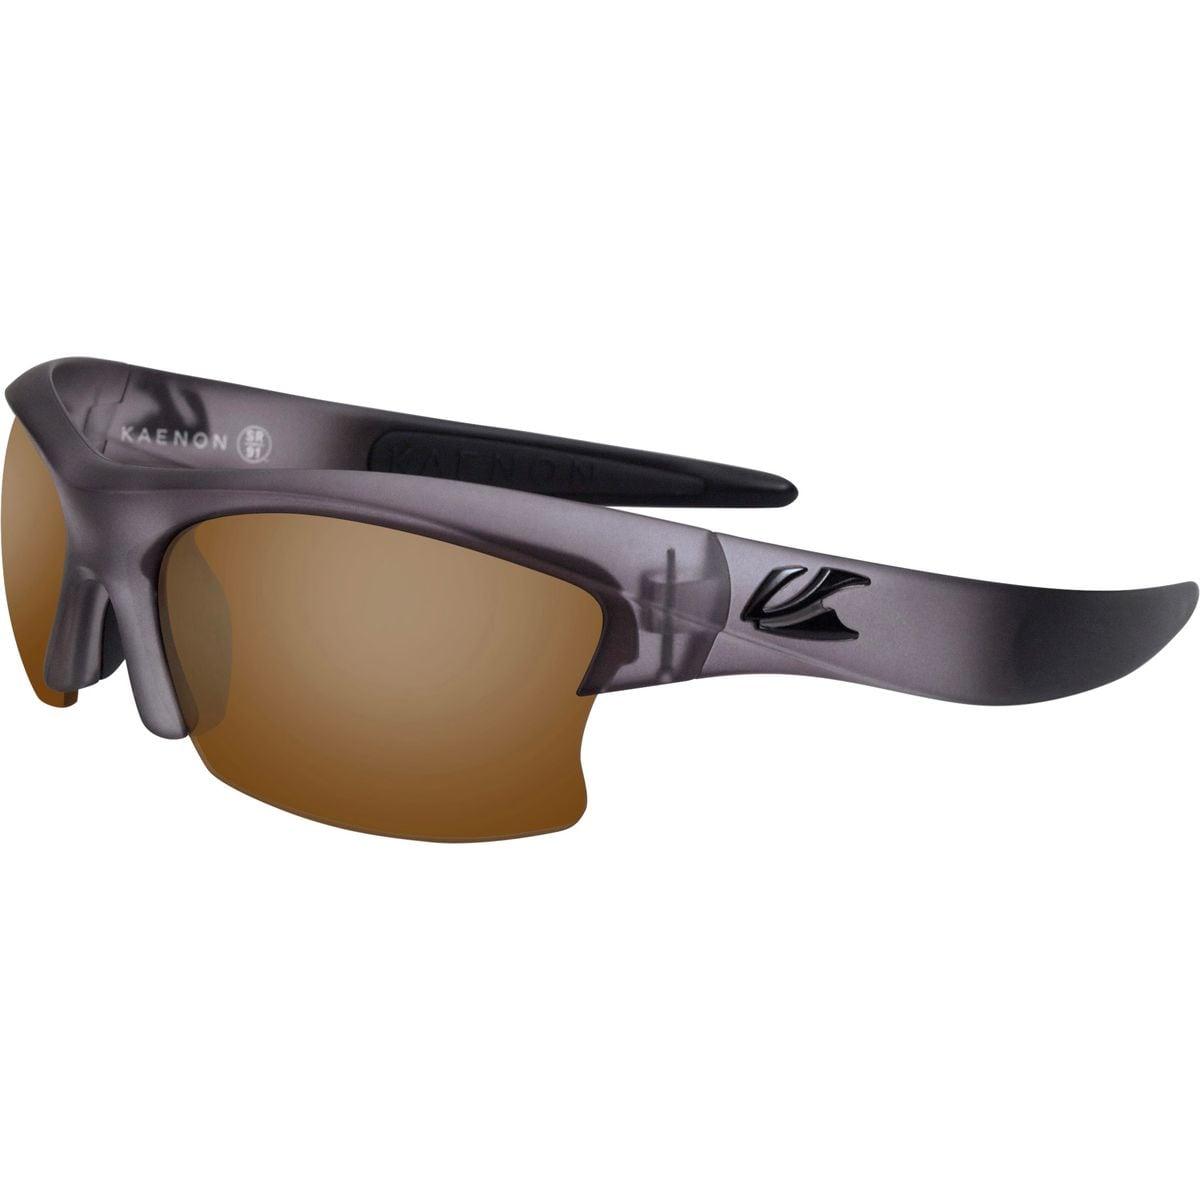 62e24bf57c Kaenon Kore Sunglasses